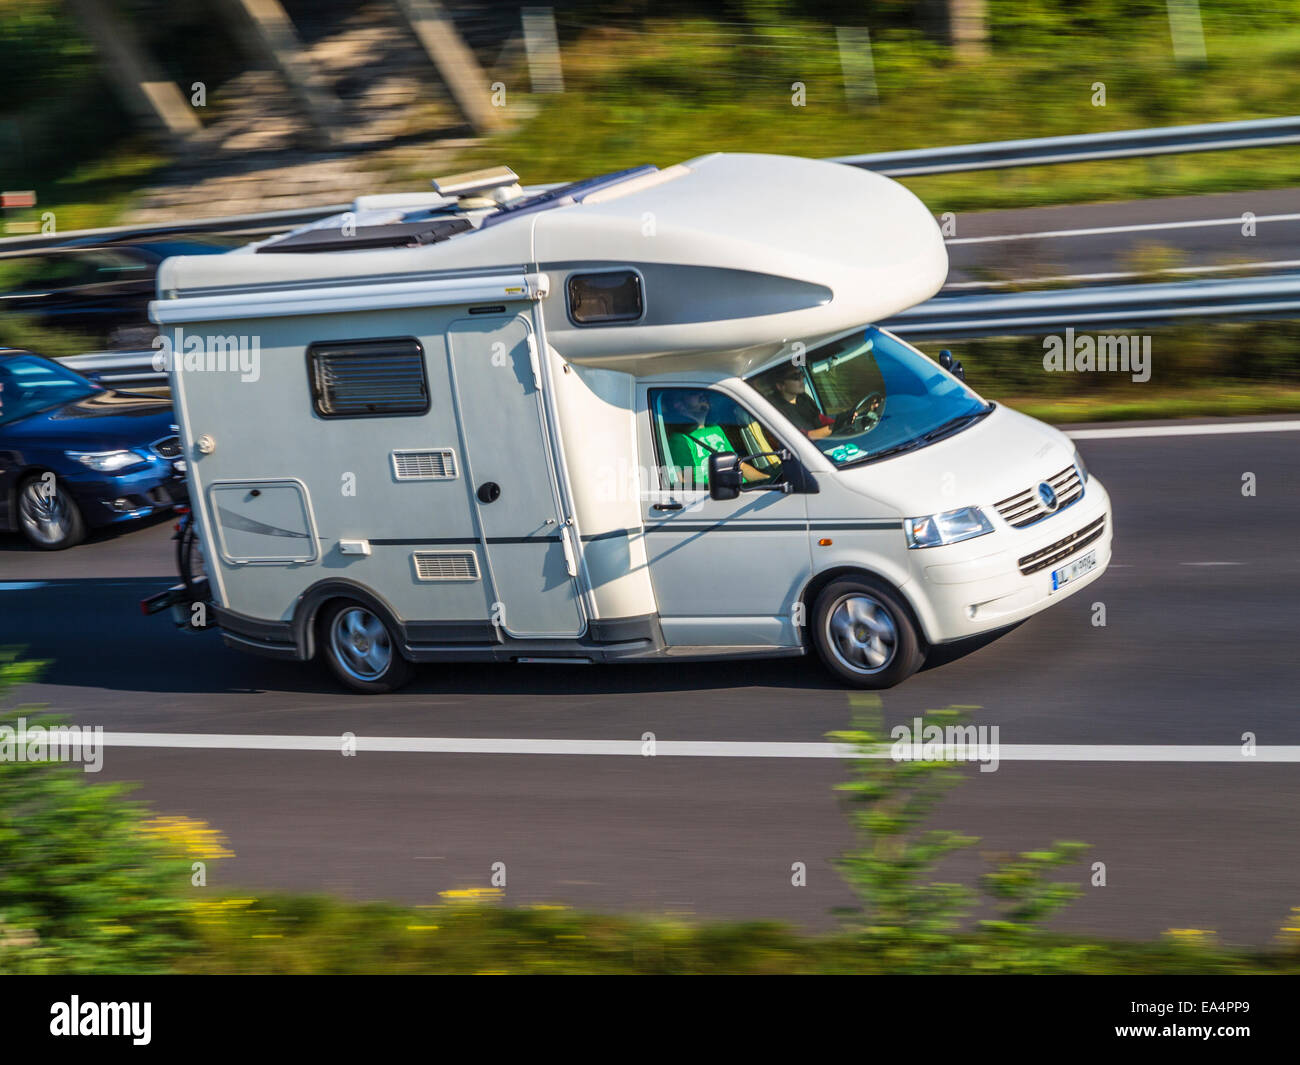 Wohnmobil Beschleunigung nach unten eine Autobahn. Ein Wochenende